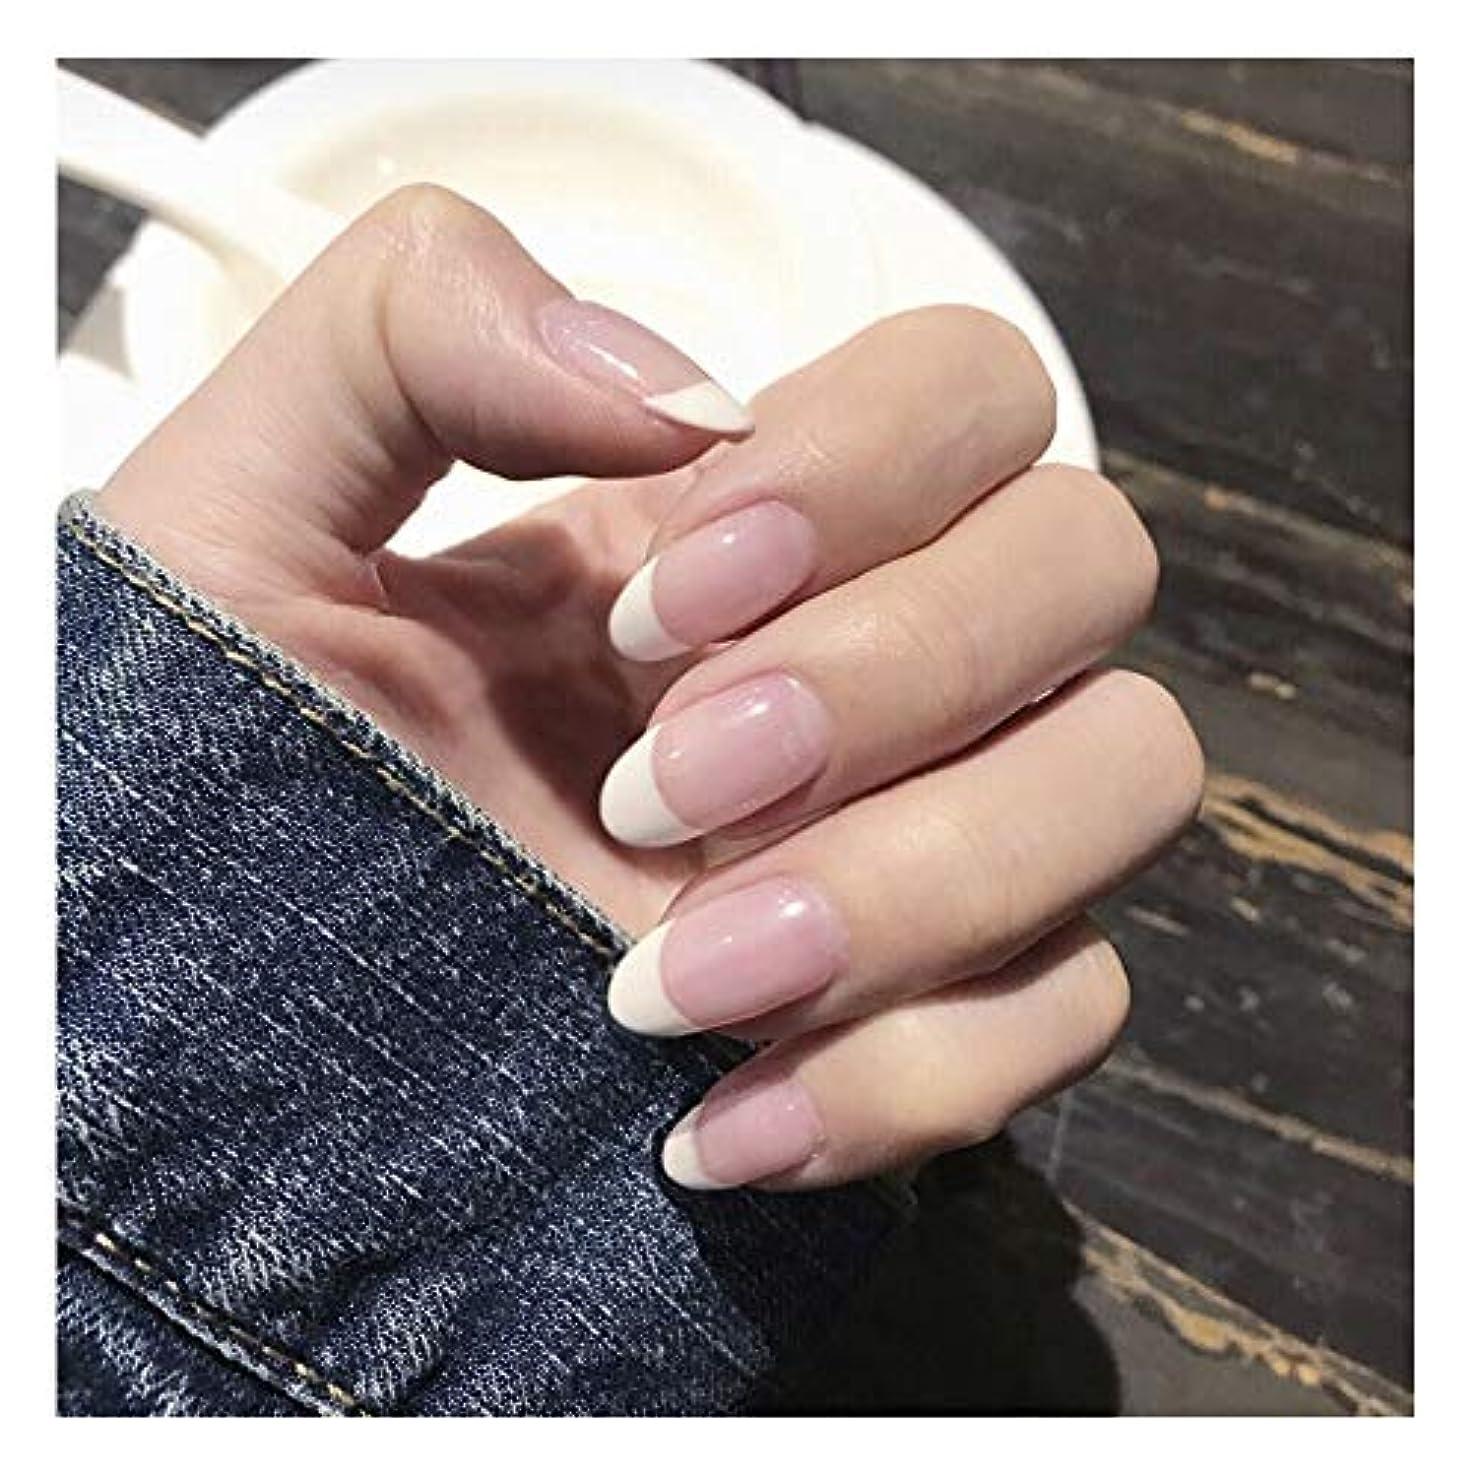 のヒープ温度計類推HOHYLLYA 透明ピンク+ホワイト下部偽爪ロングネイルズグルー完成ネイル偽爪を指摘しました (色 : 24 pieces)